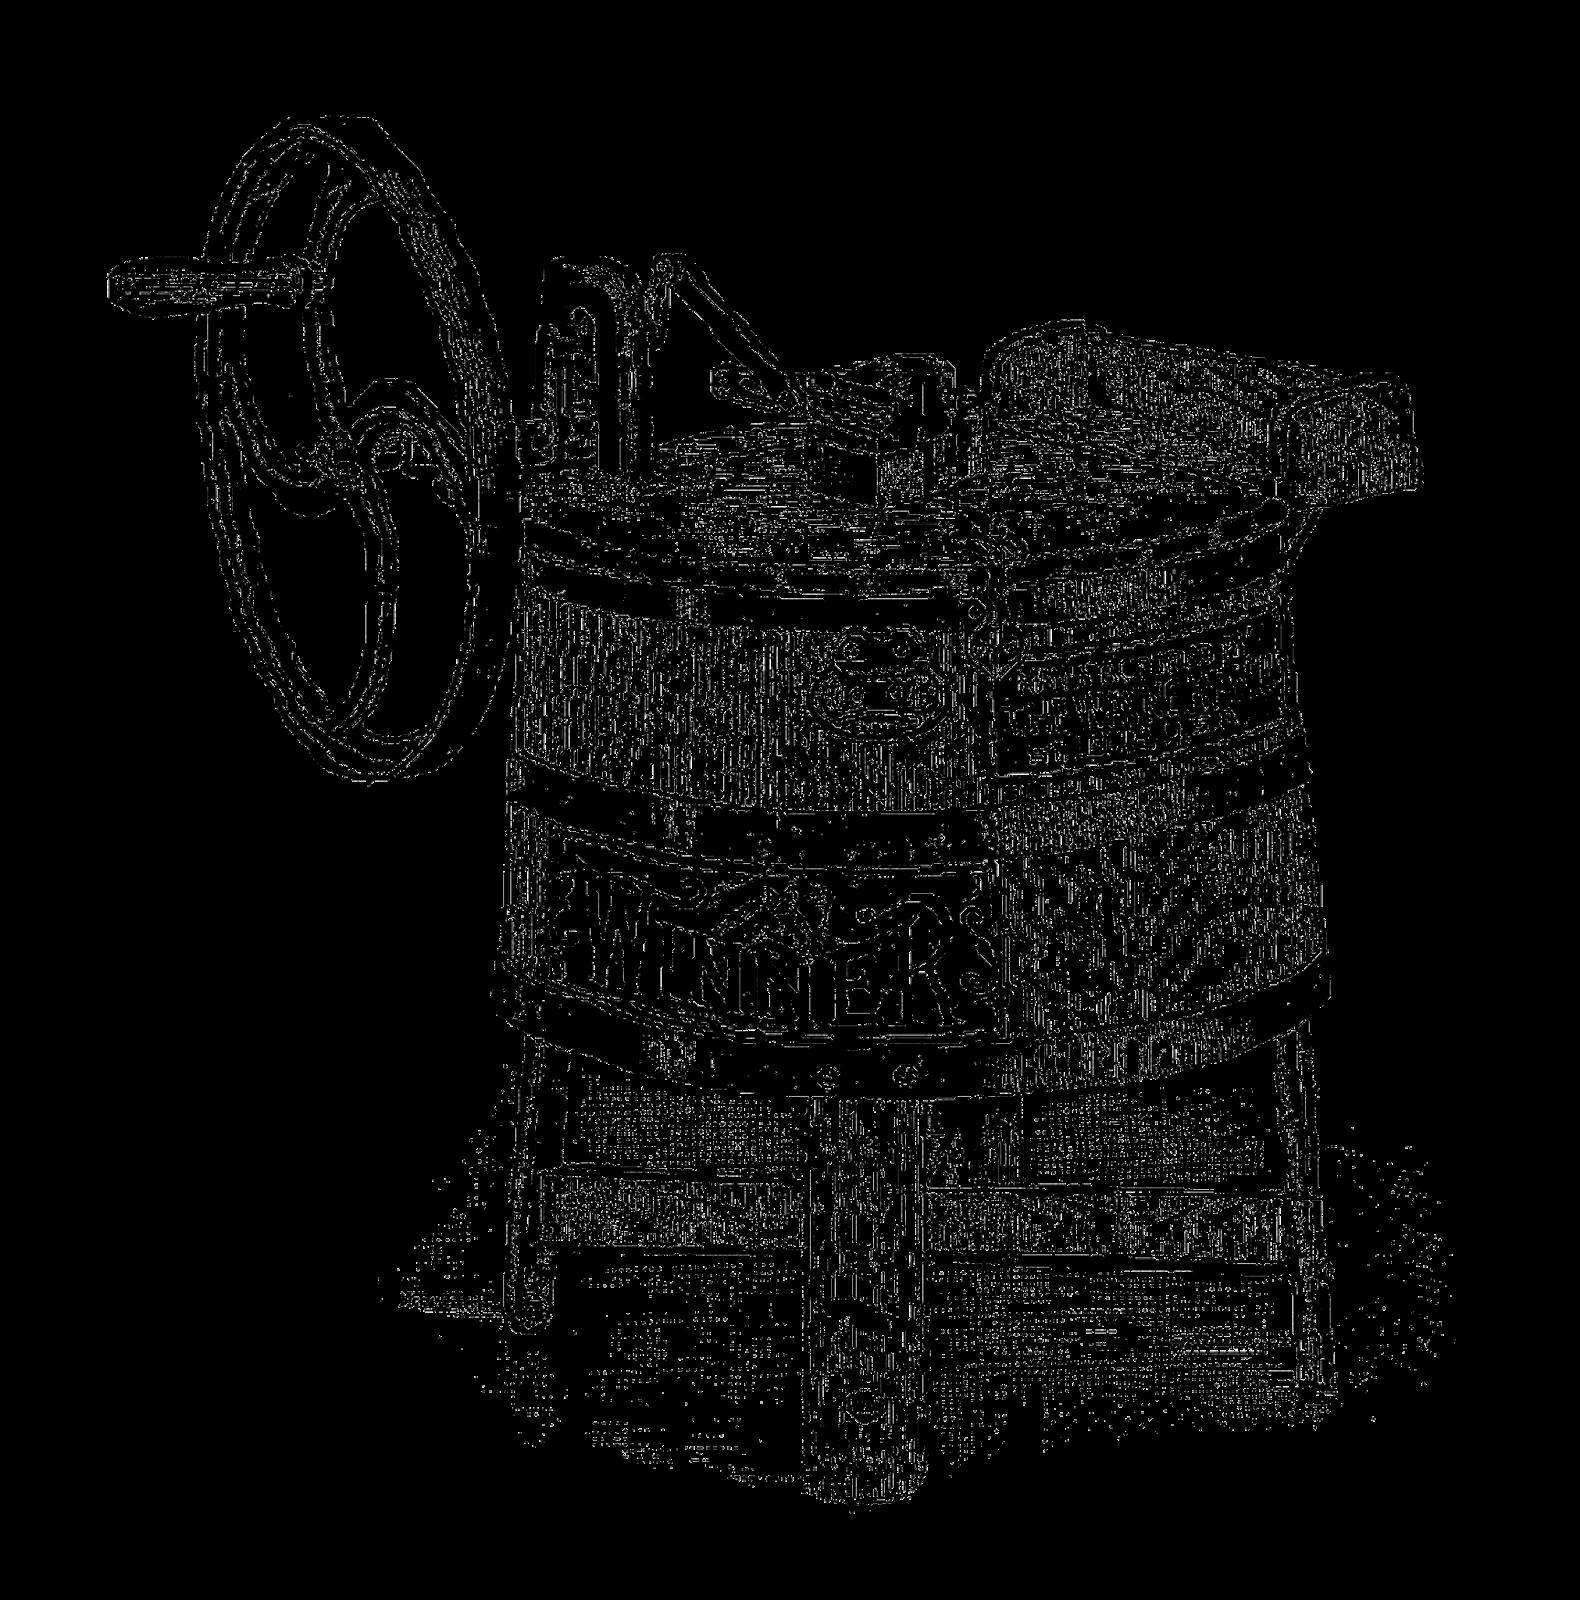 Antique Images Digital Image Transfer Of Vintage Washing